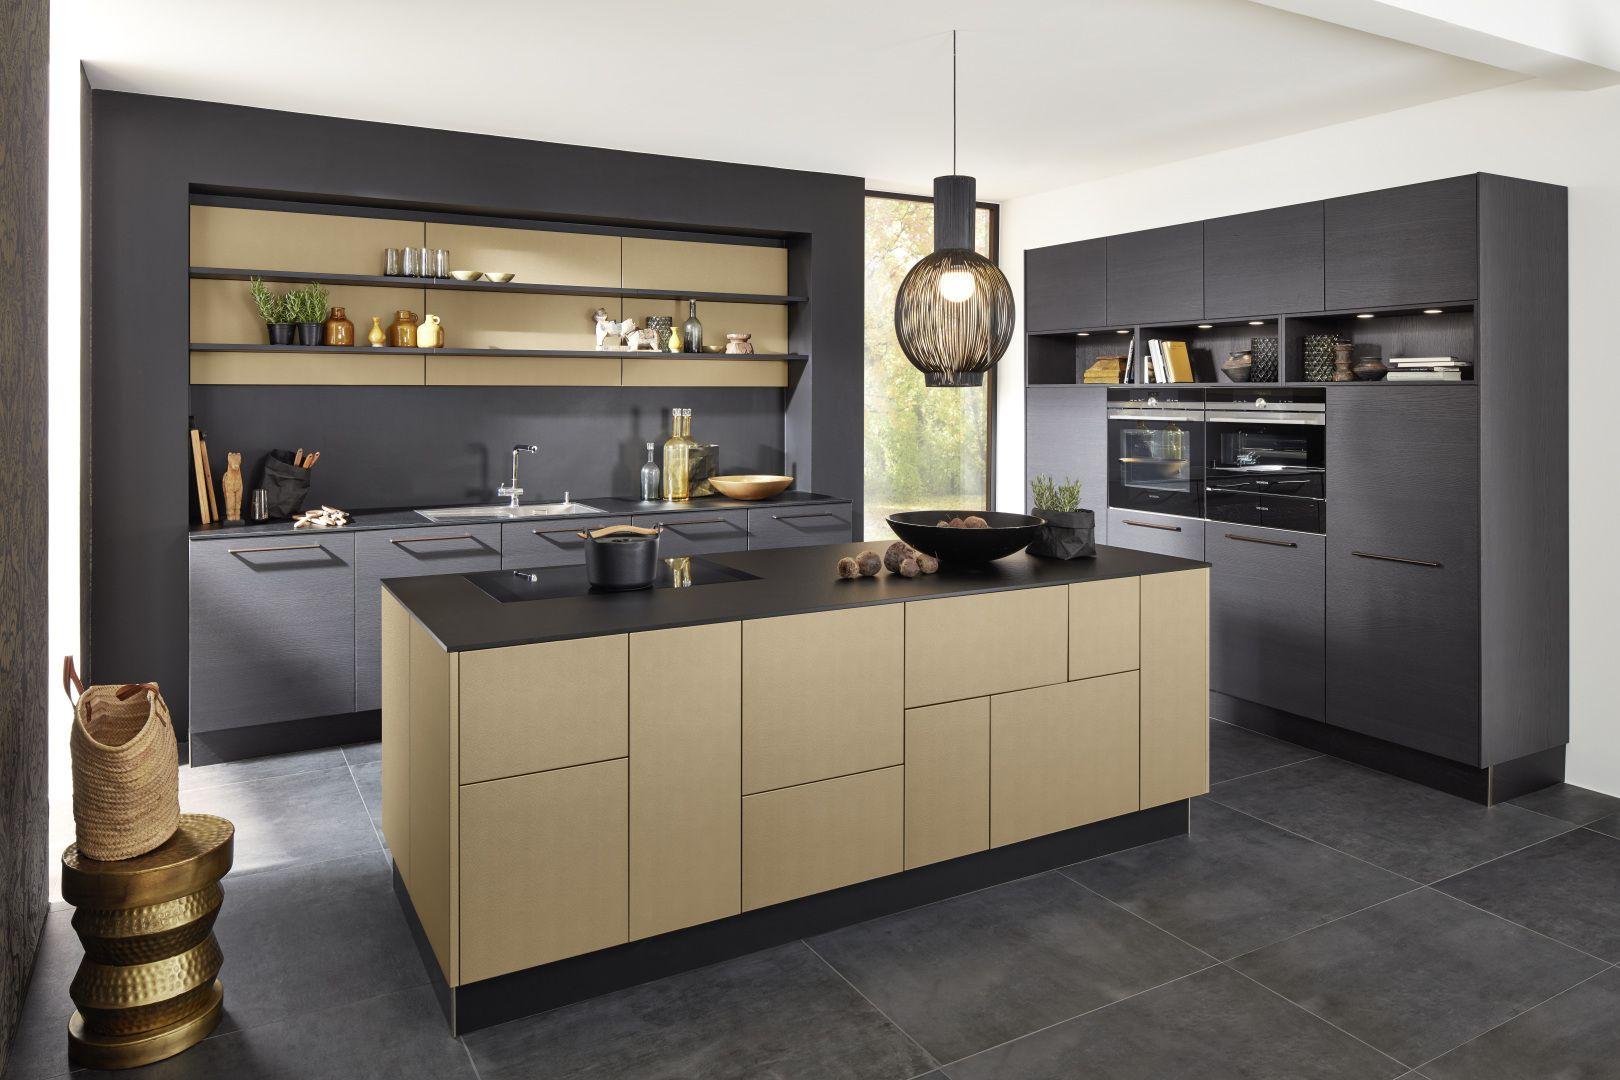 Full Size of Küche Nolte Planen Schubladen Organizer Küche Nolte Küche Nolte Lux Grau Küche Nolte Elegance Küche Küche Nolte